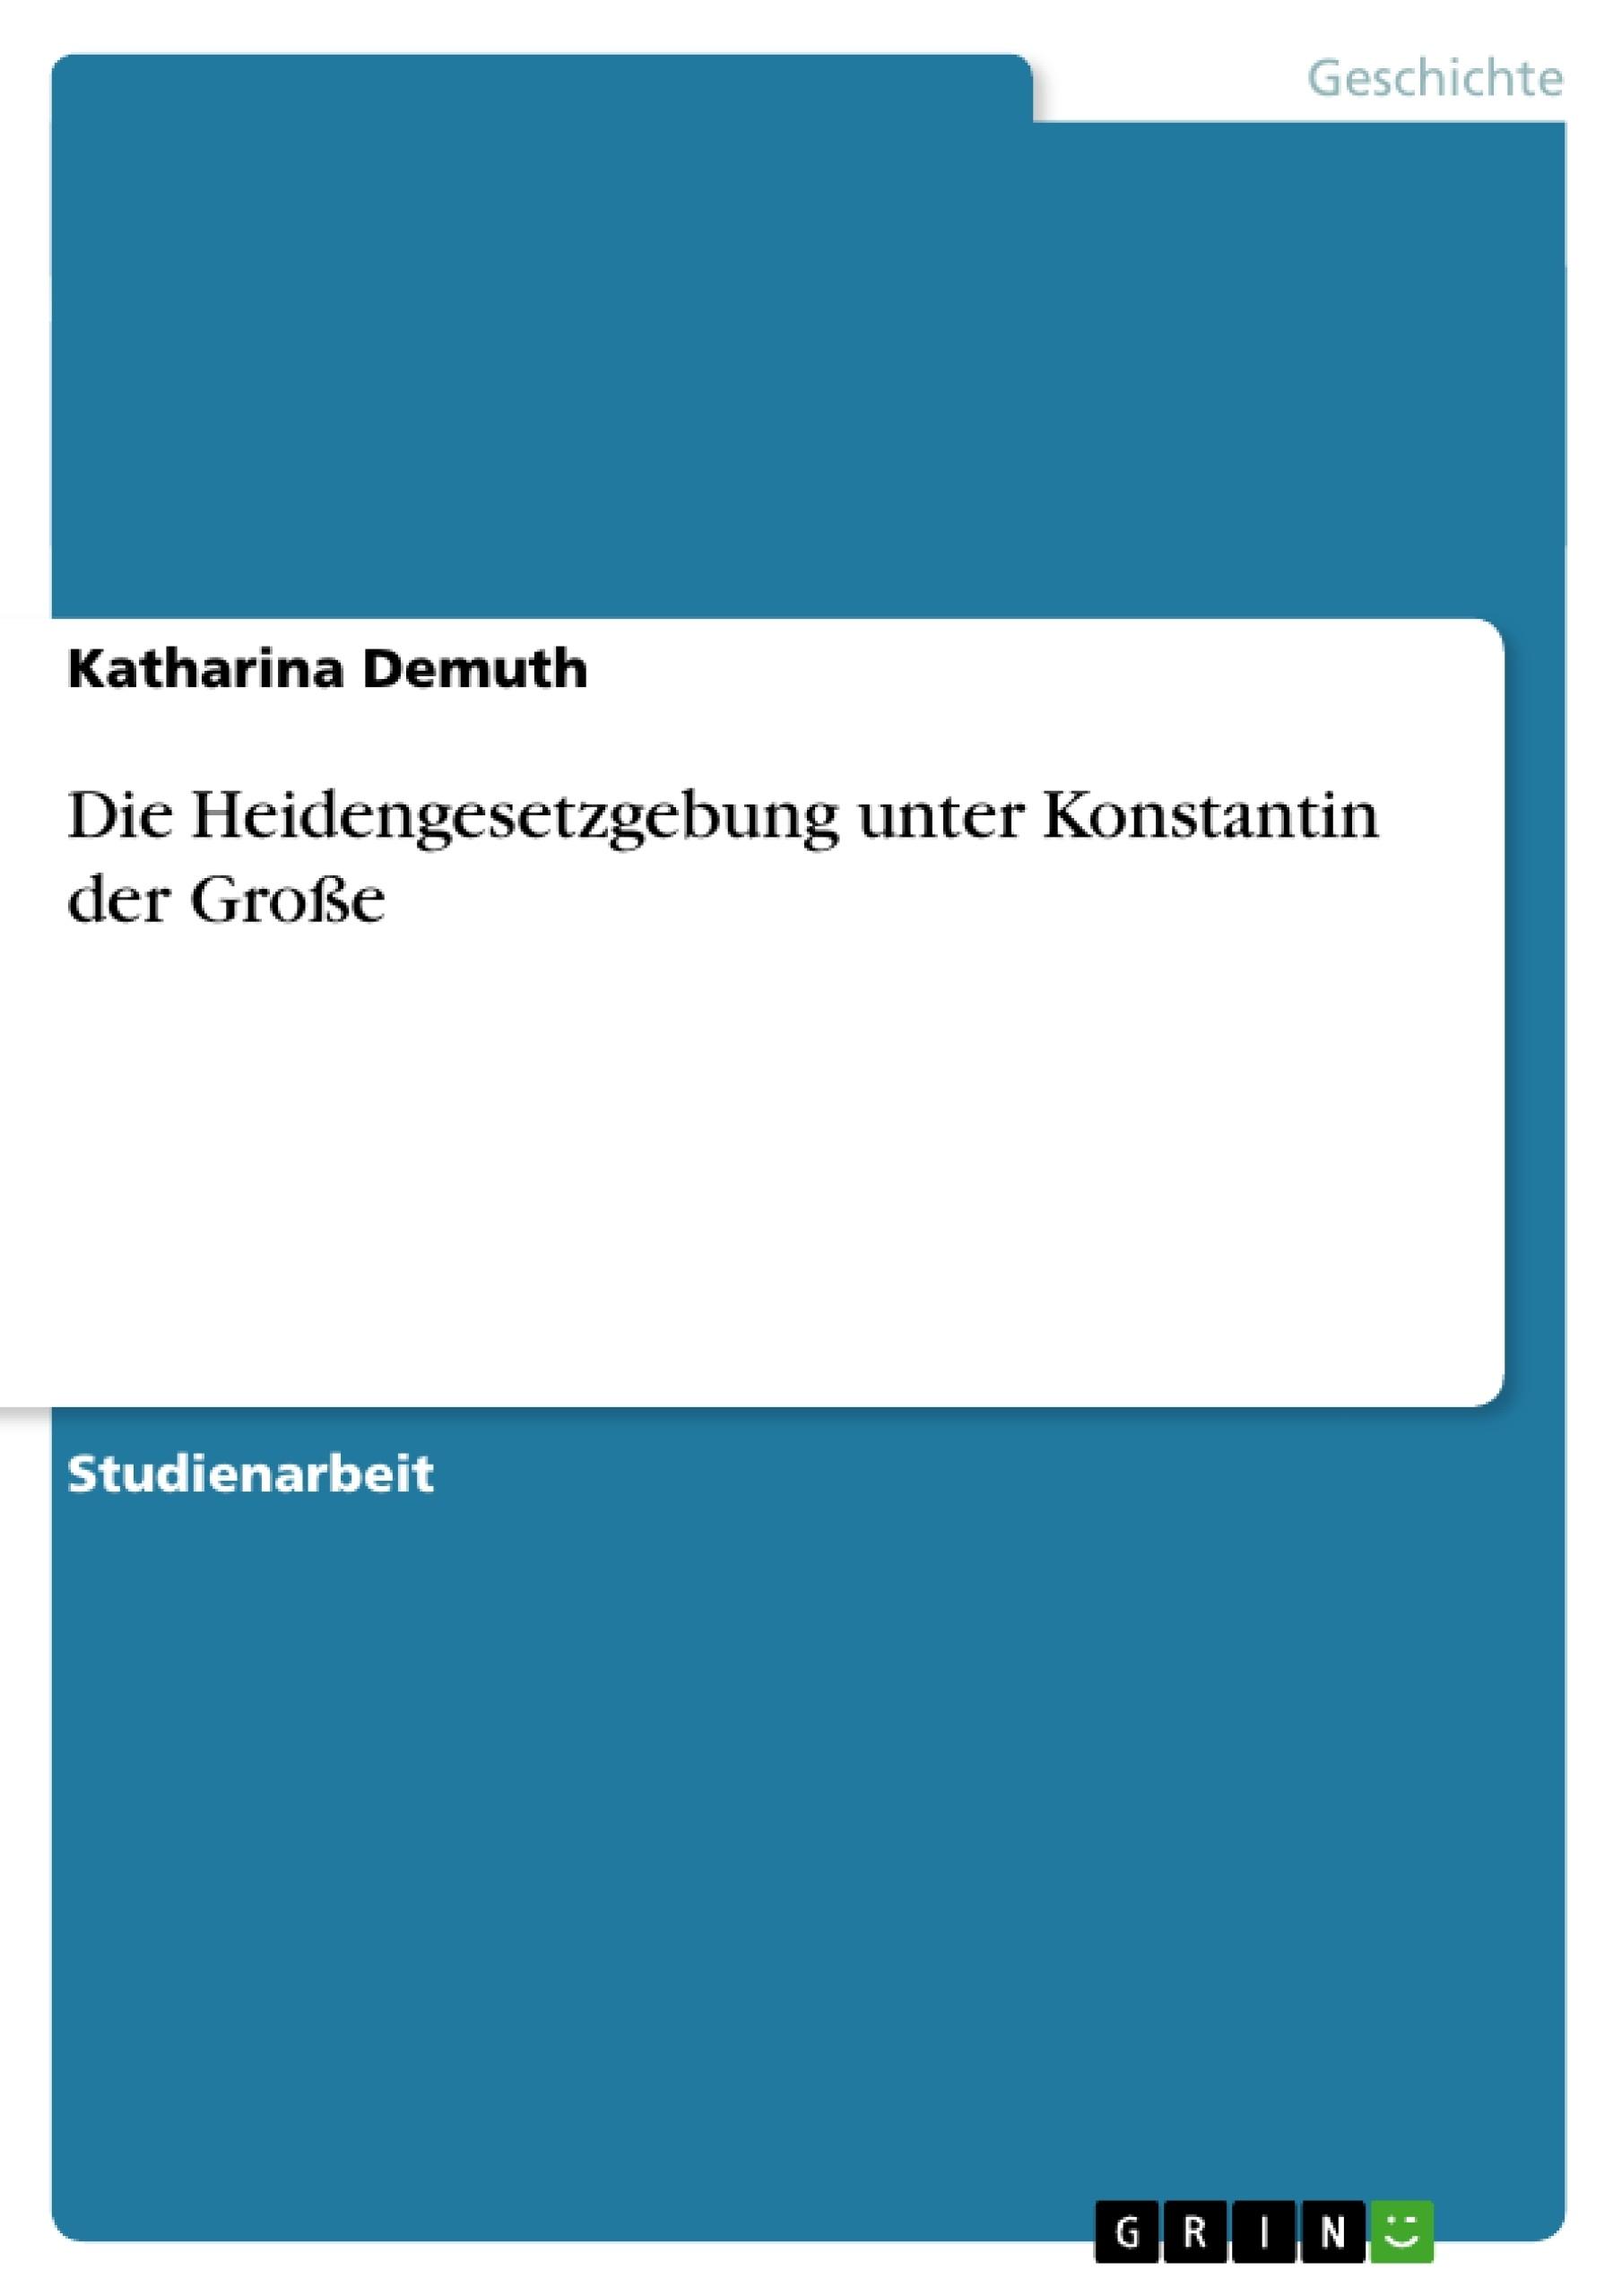 Titel: Die Heidengesetzgebung unter Konstantin der Große